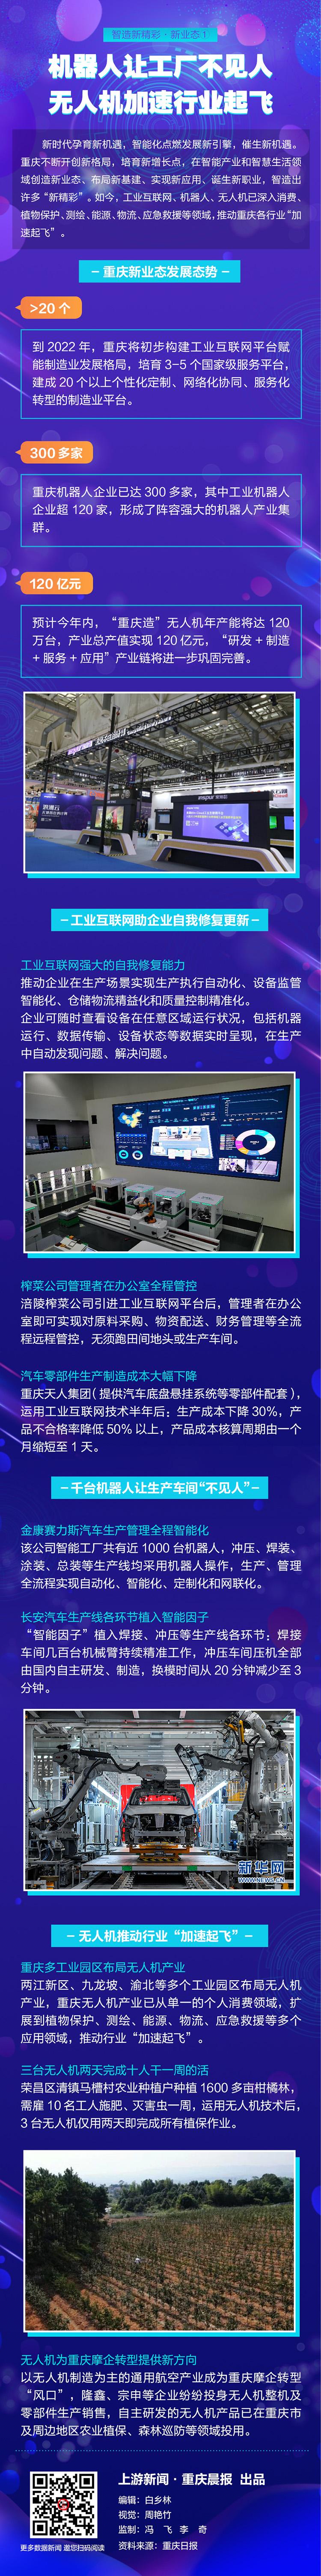 微信图片_20200908135949.jpg